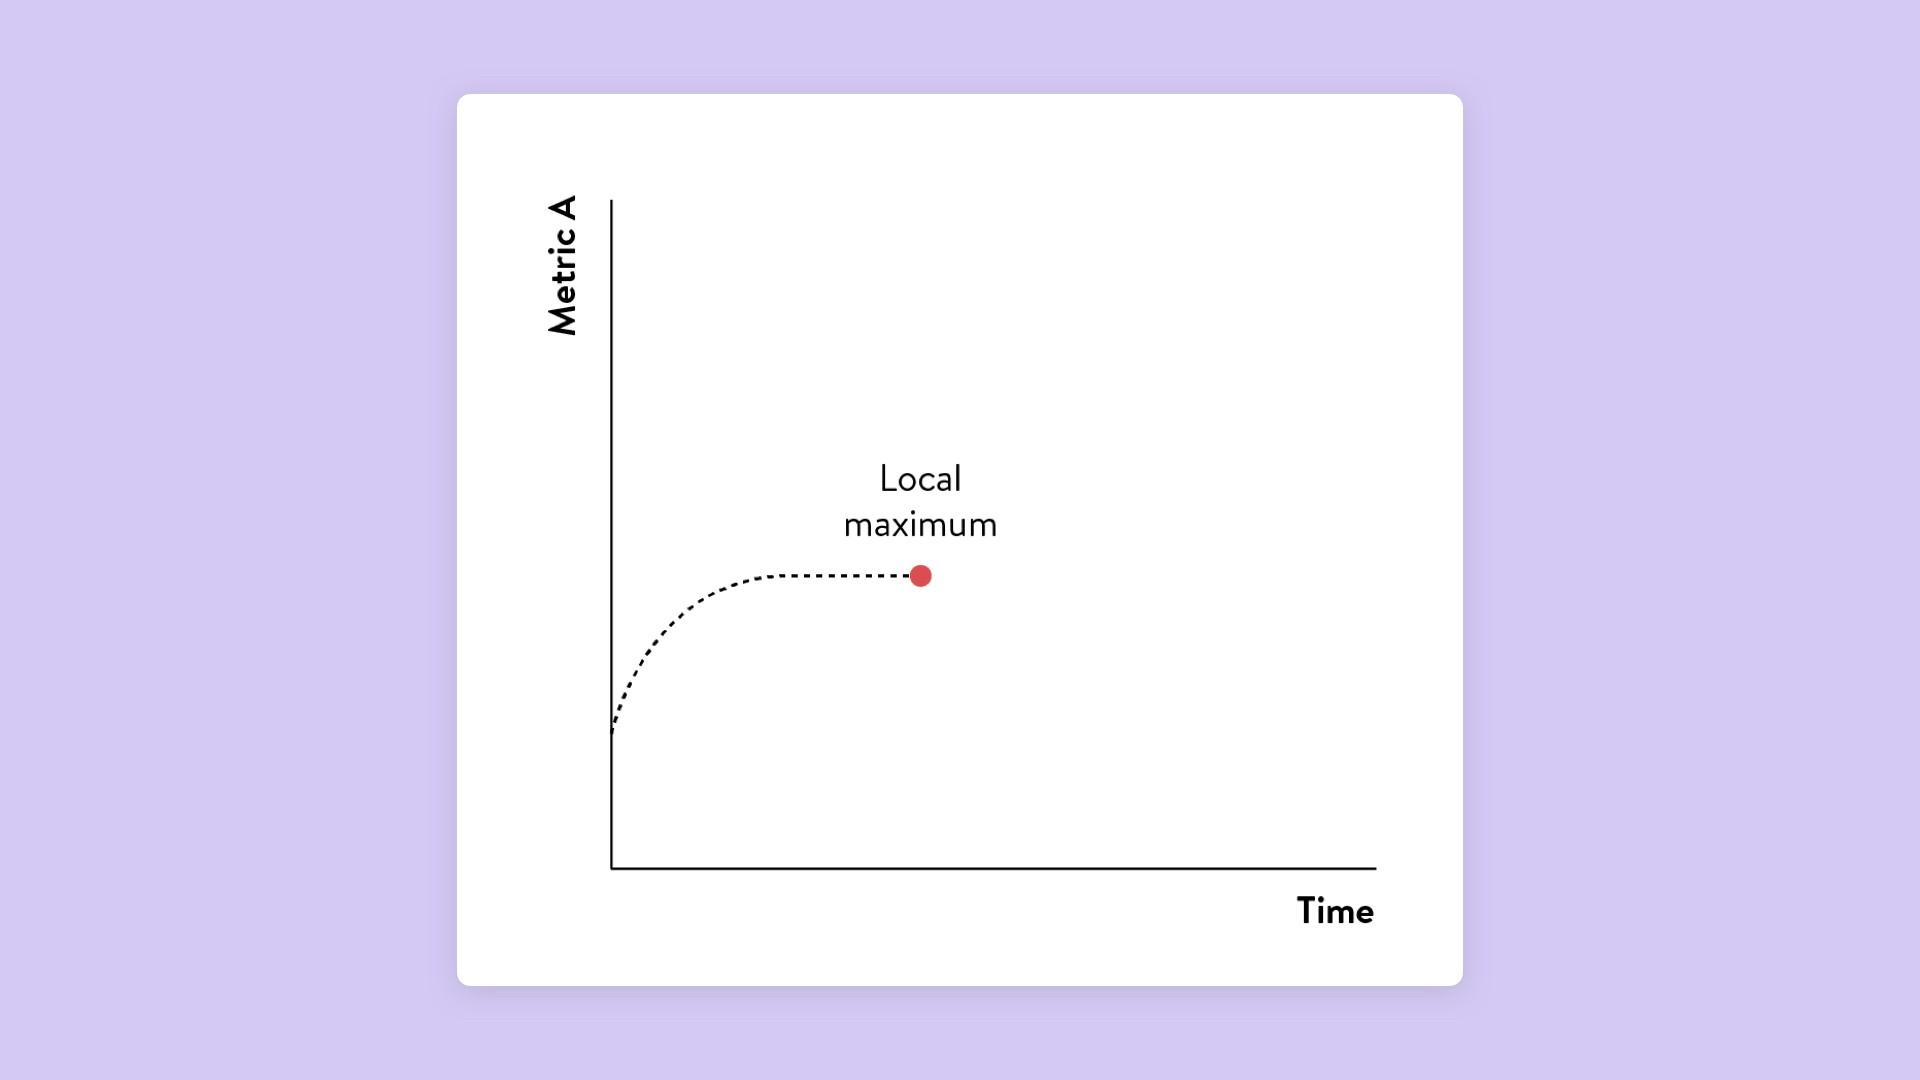 Reaching your local maximum